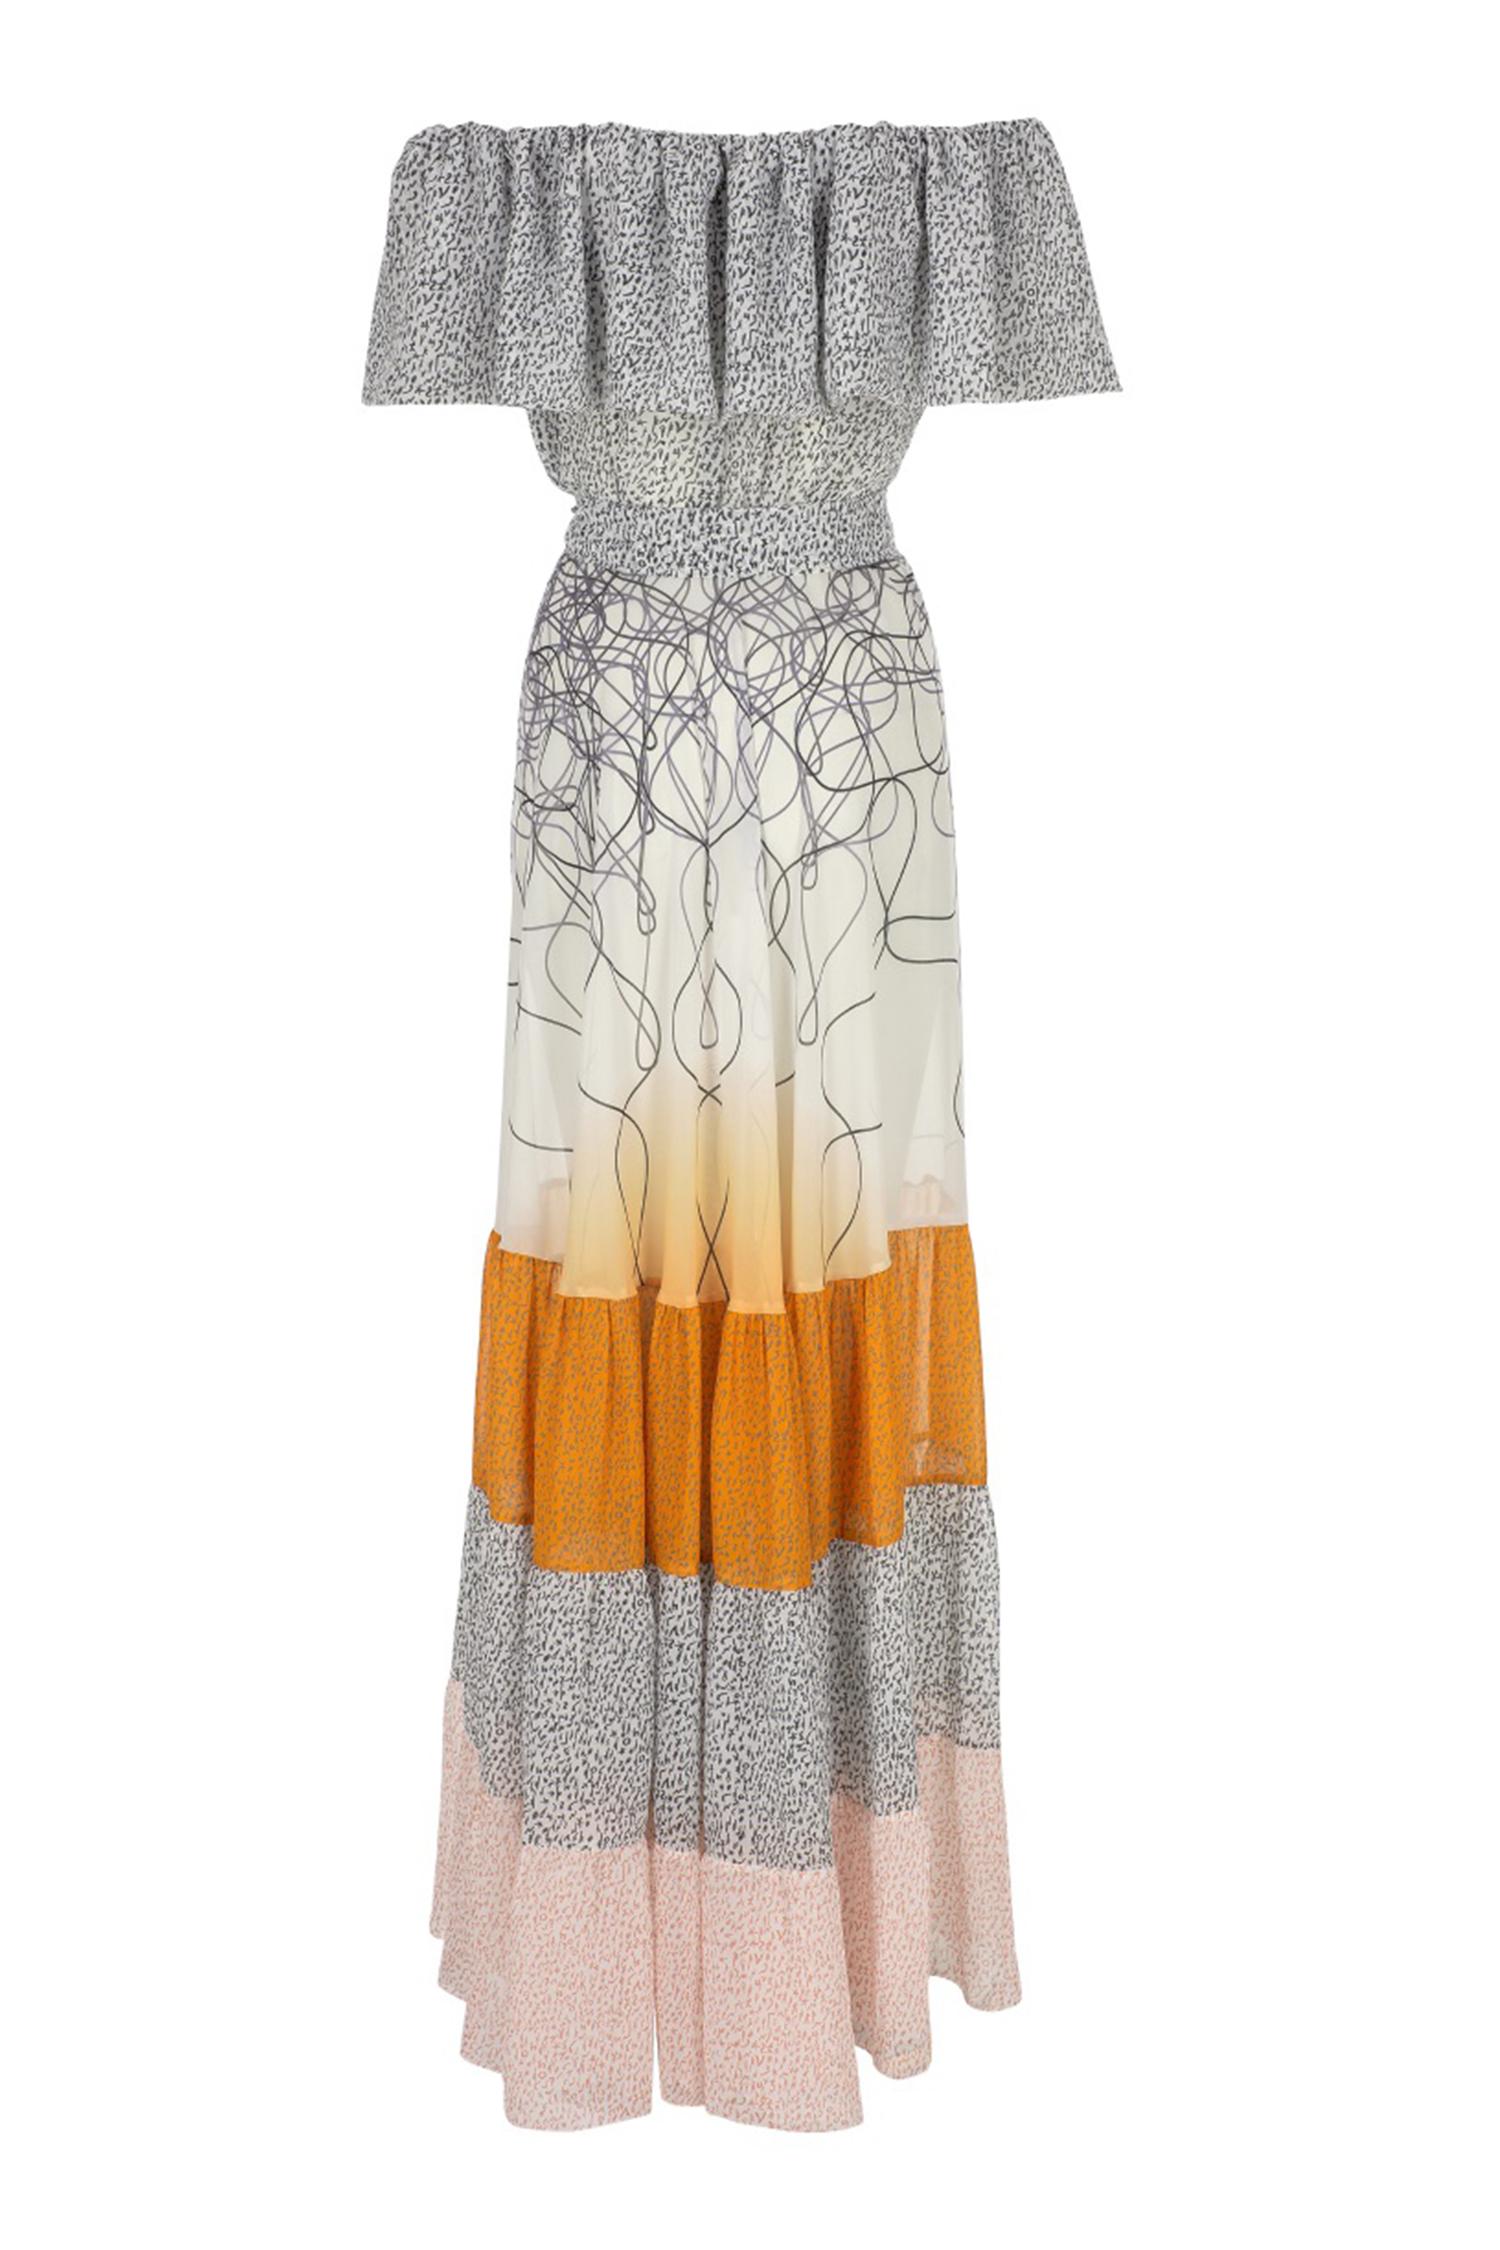 dress, nmaxidress, summerdress